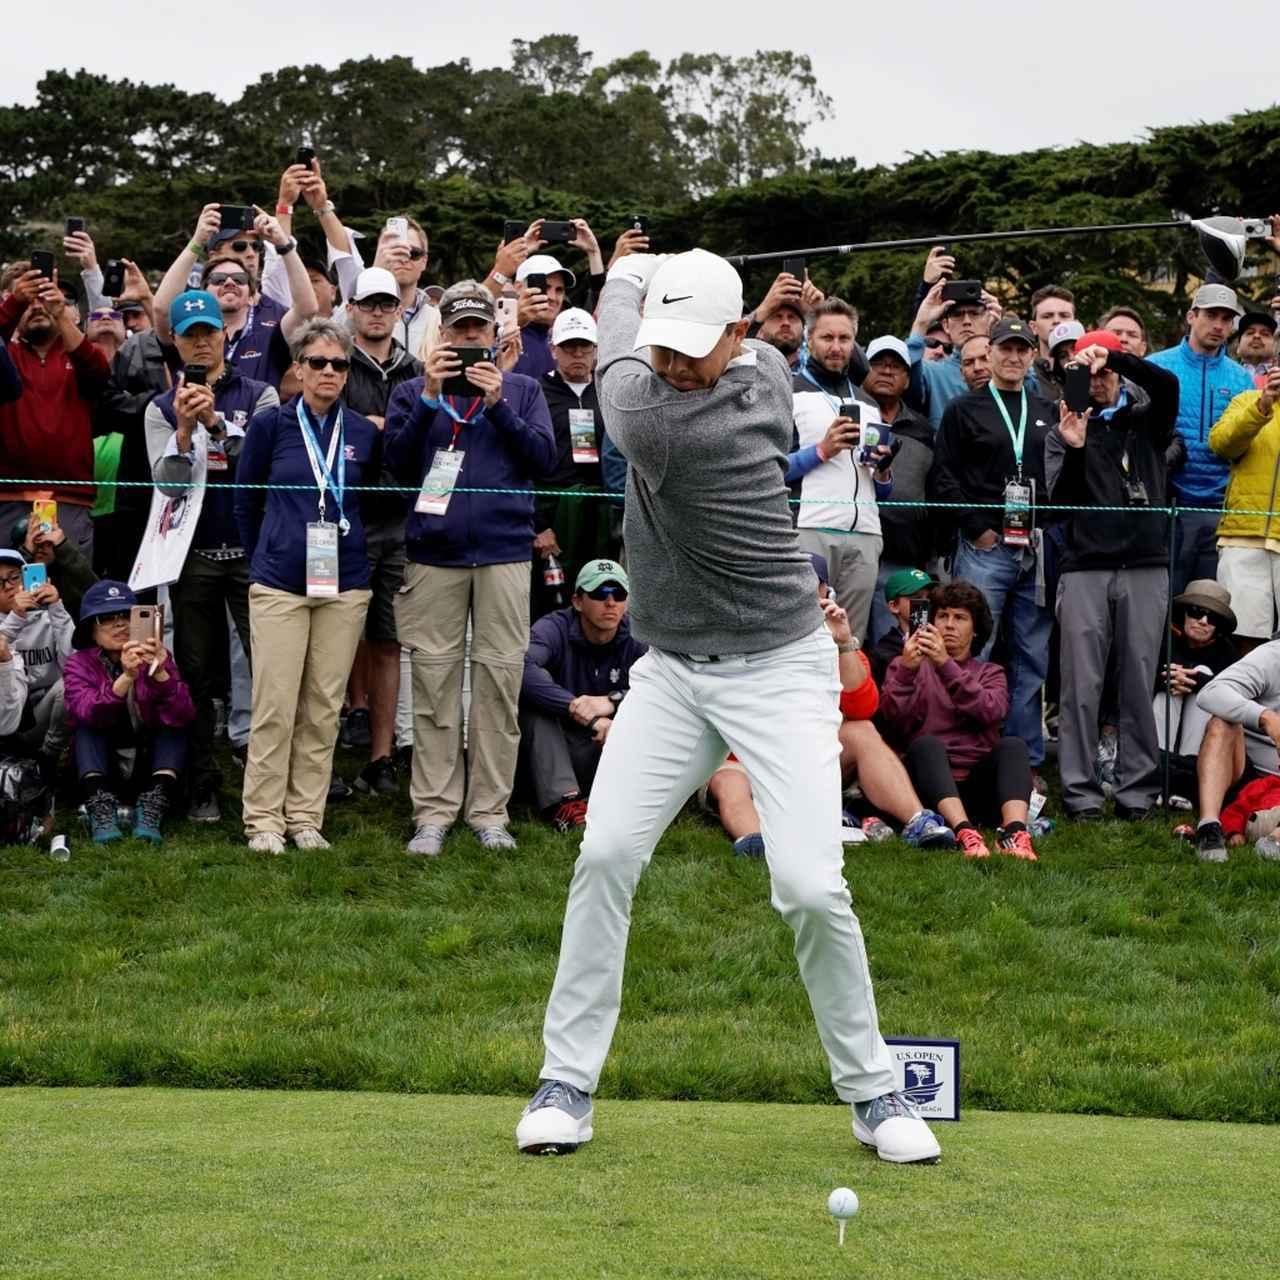 画像15: 【ZOZO選手権】本場PGAツアーがやってくる。解説陣が語る「世界のトップのココを見よ!」タイガー、マキロイ、デイ、バッバ……